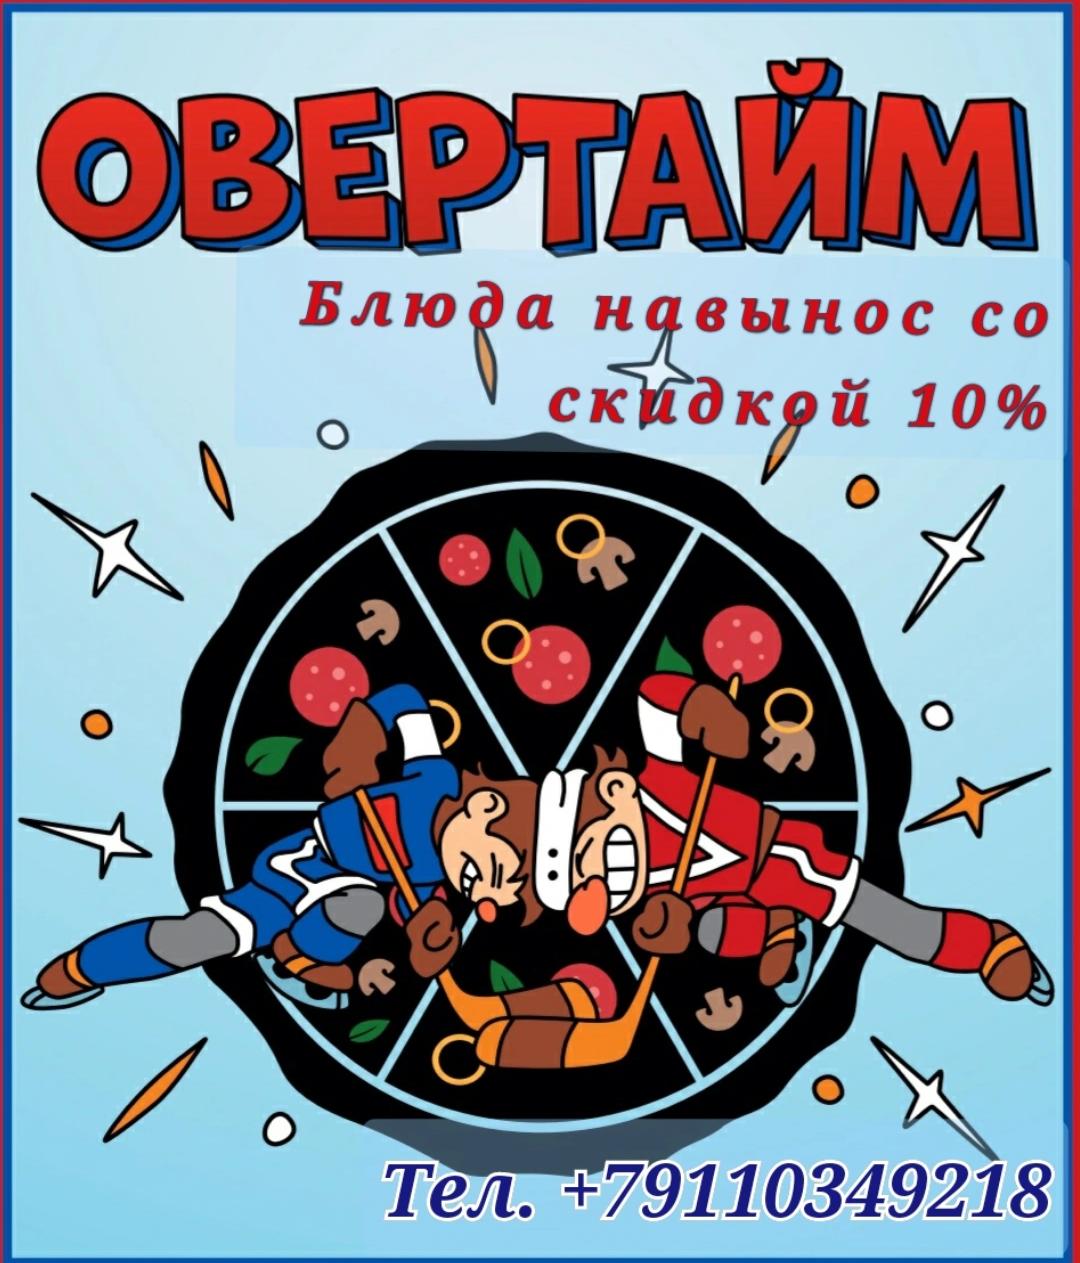 Кафе «ОВЕРТАЙМ» в ФОК Светлогорский